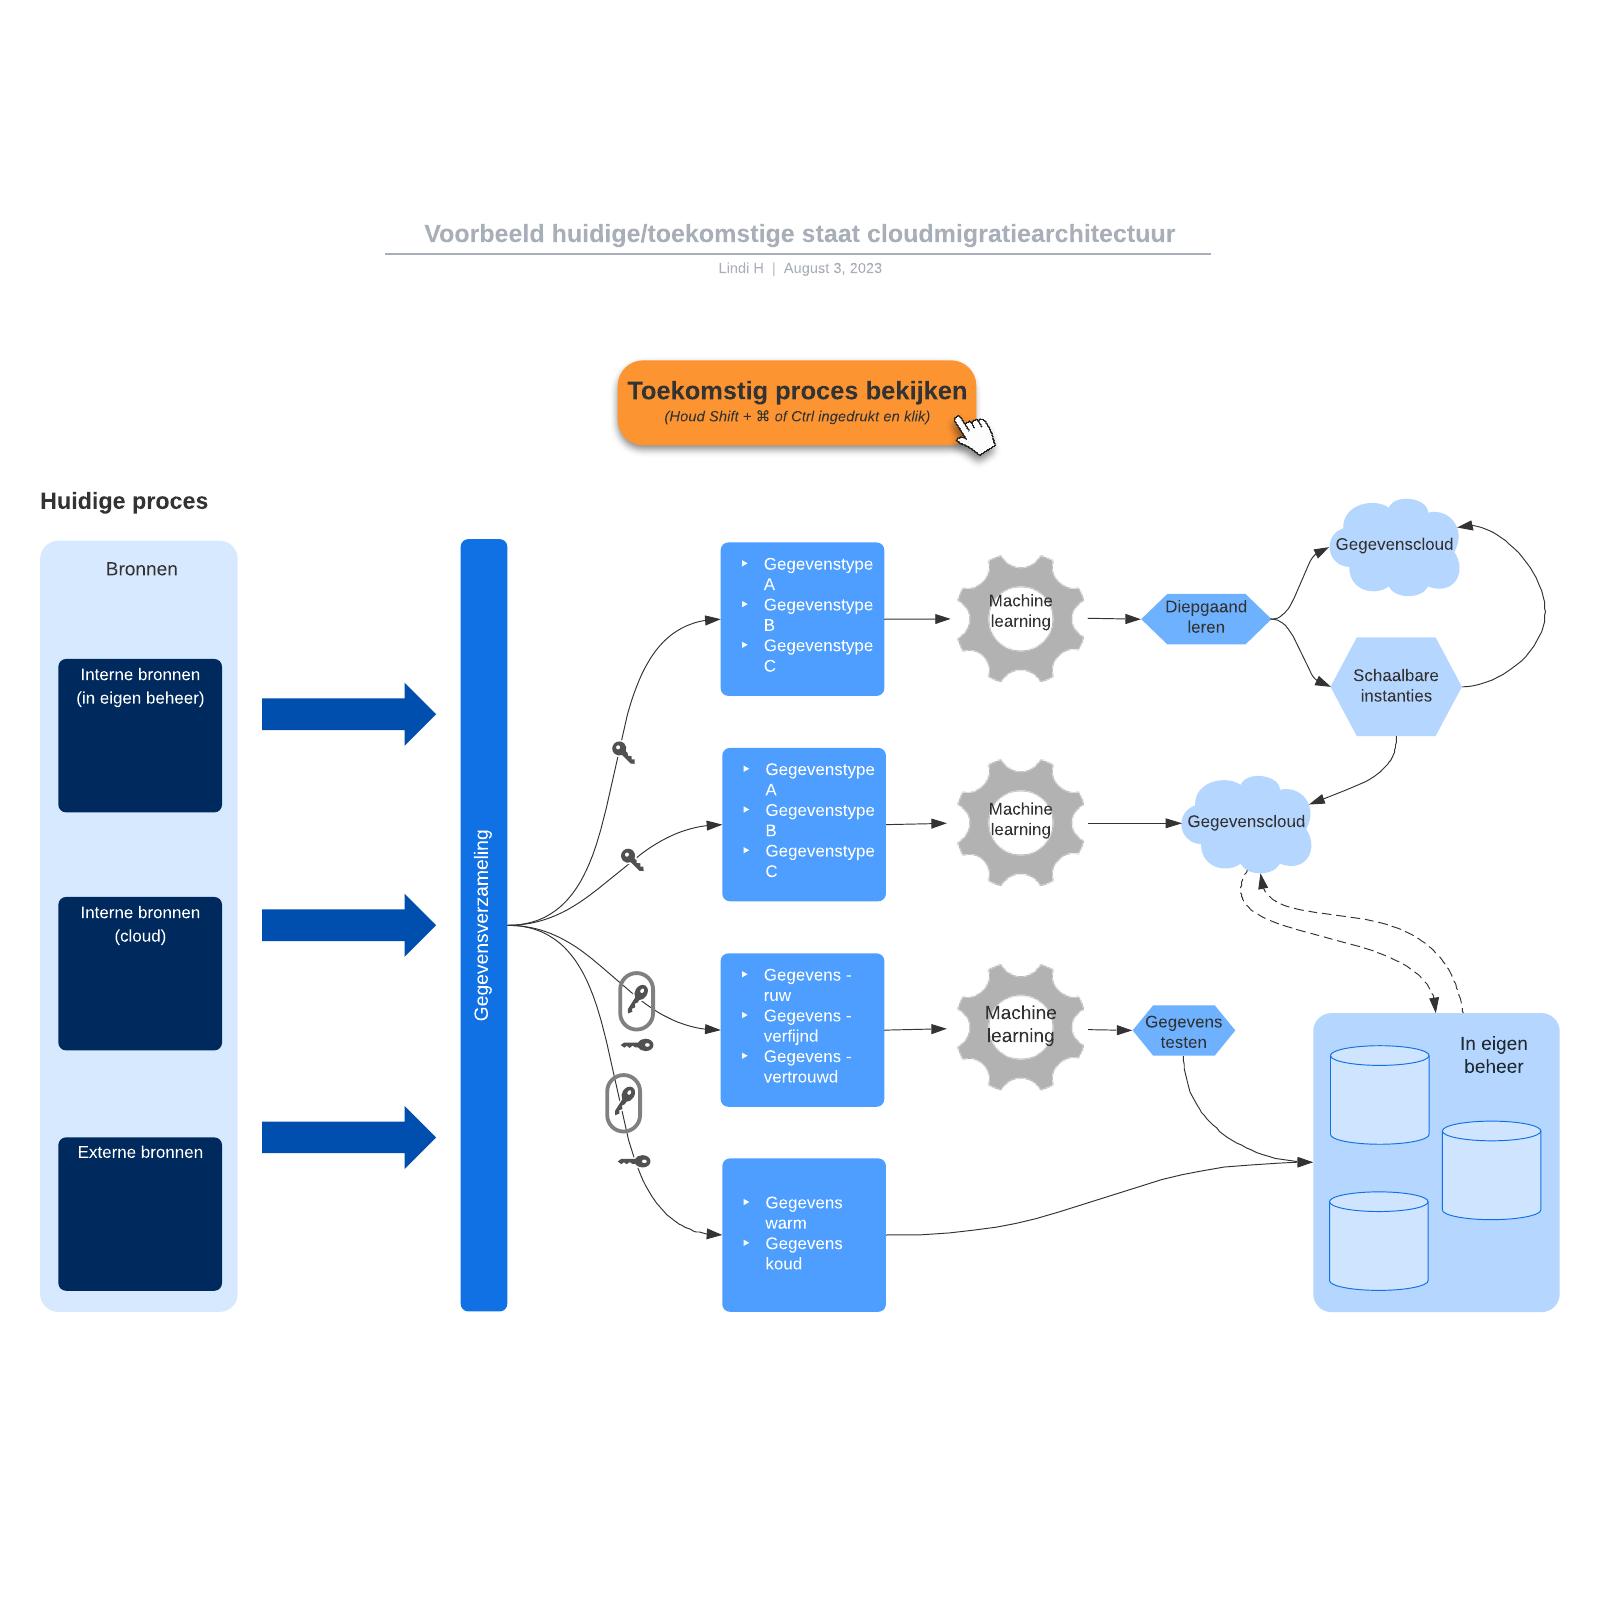 Voorbeeld huidige/toekomstige staat cloudmigratiearchitectuur